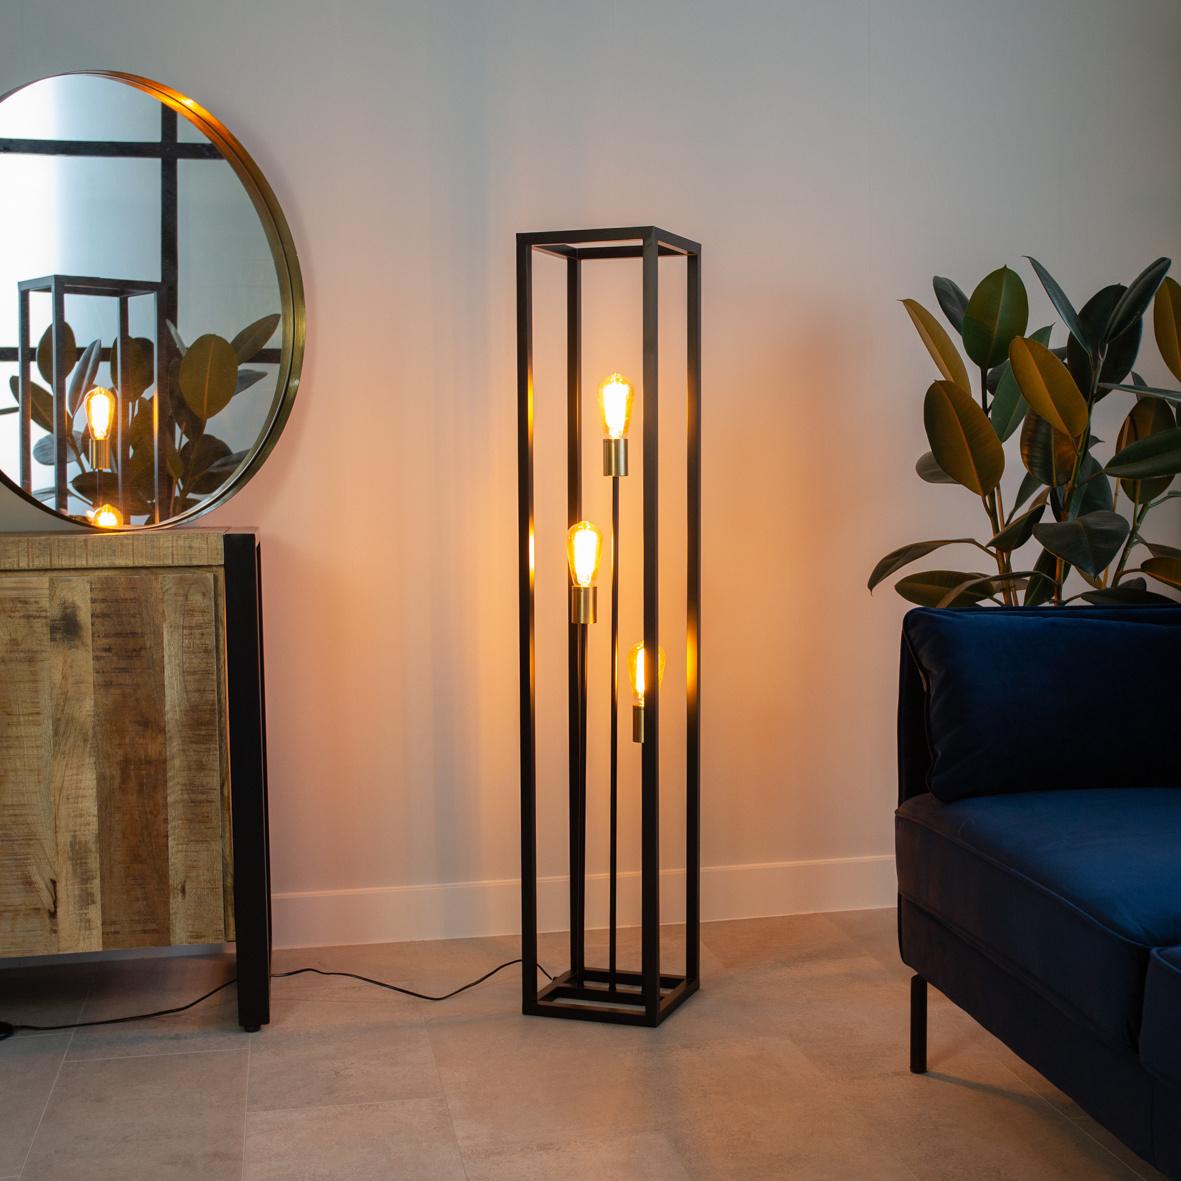 De mooiste plekken in jouw woning voor staande lampen